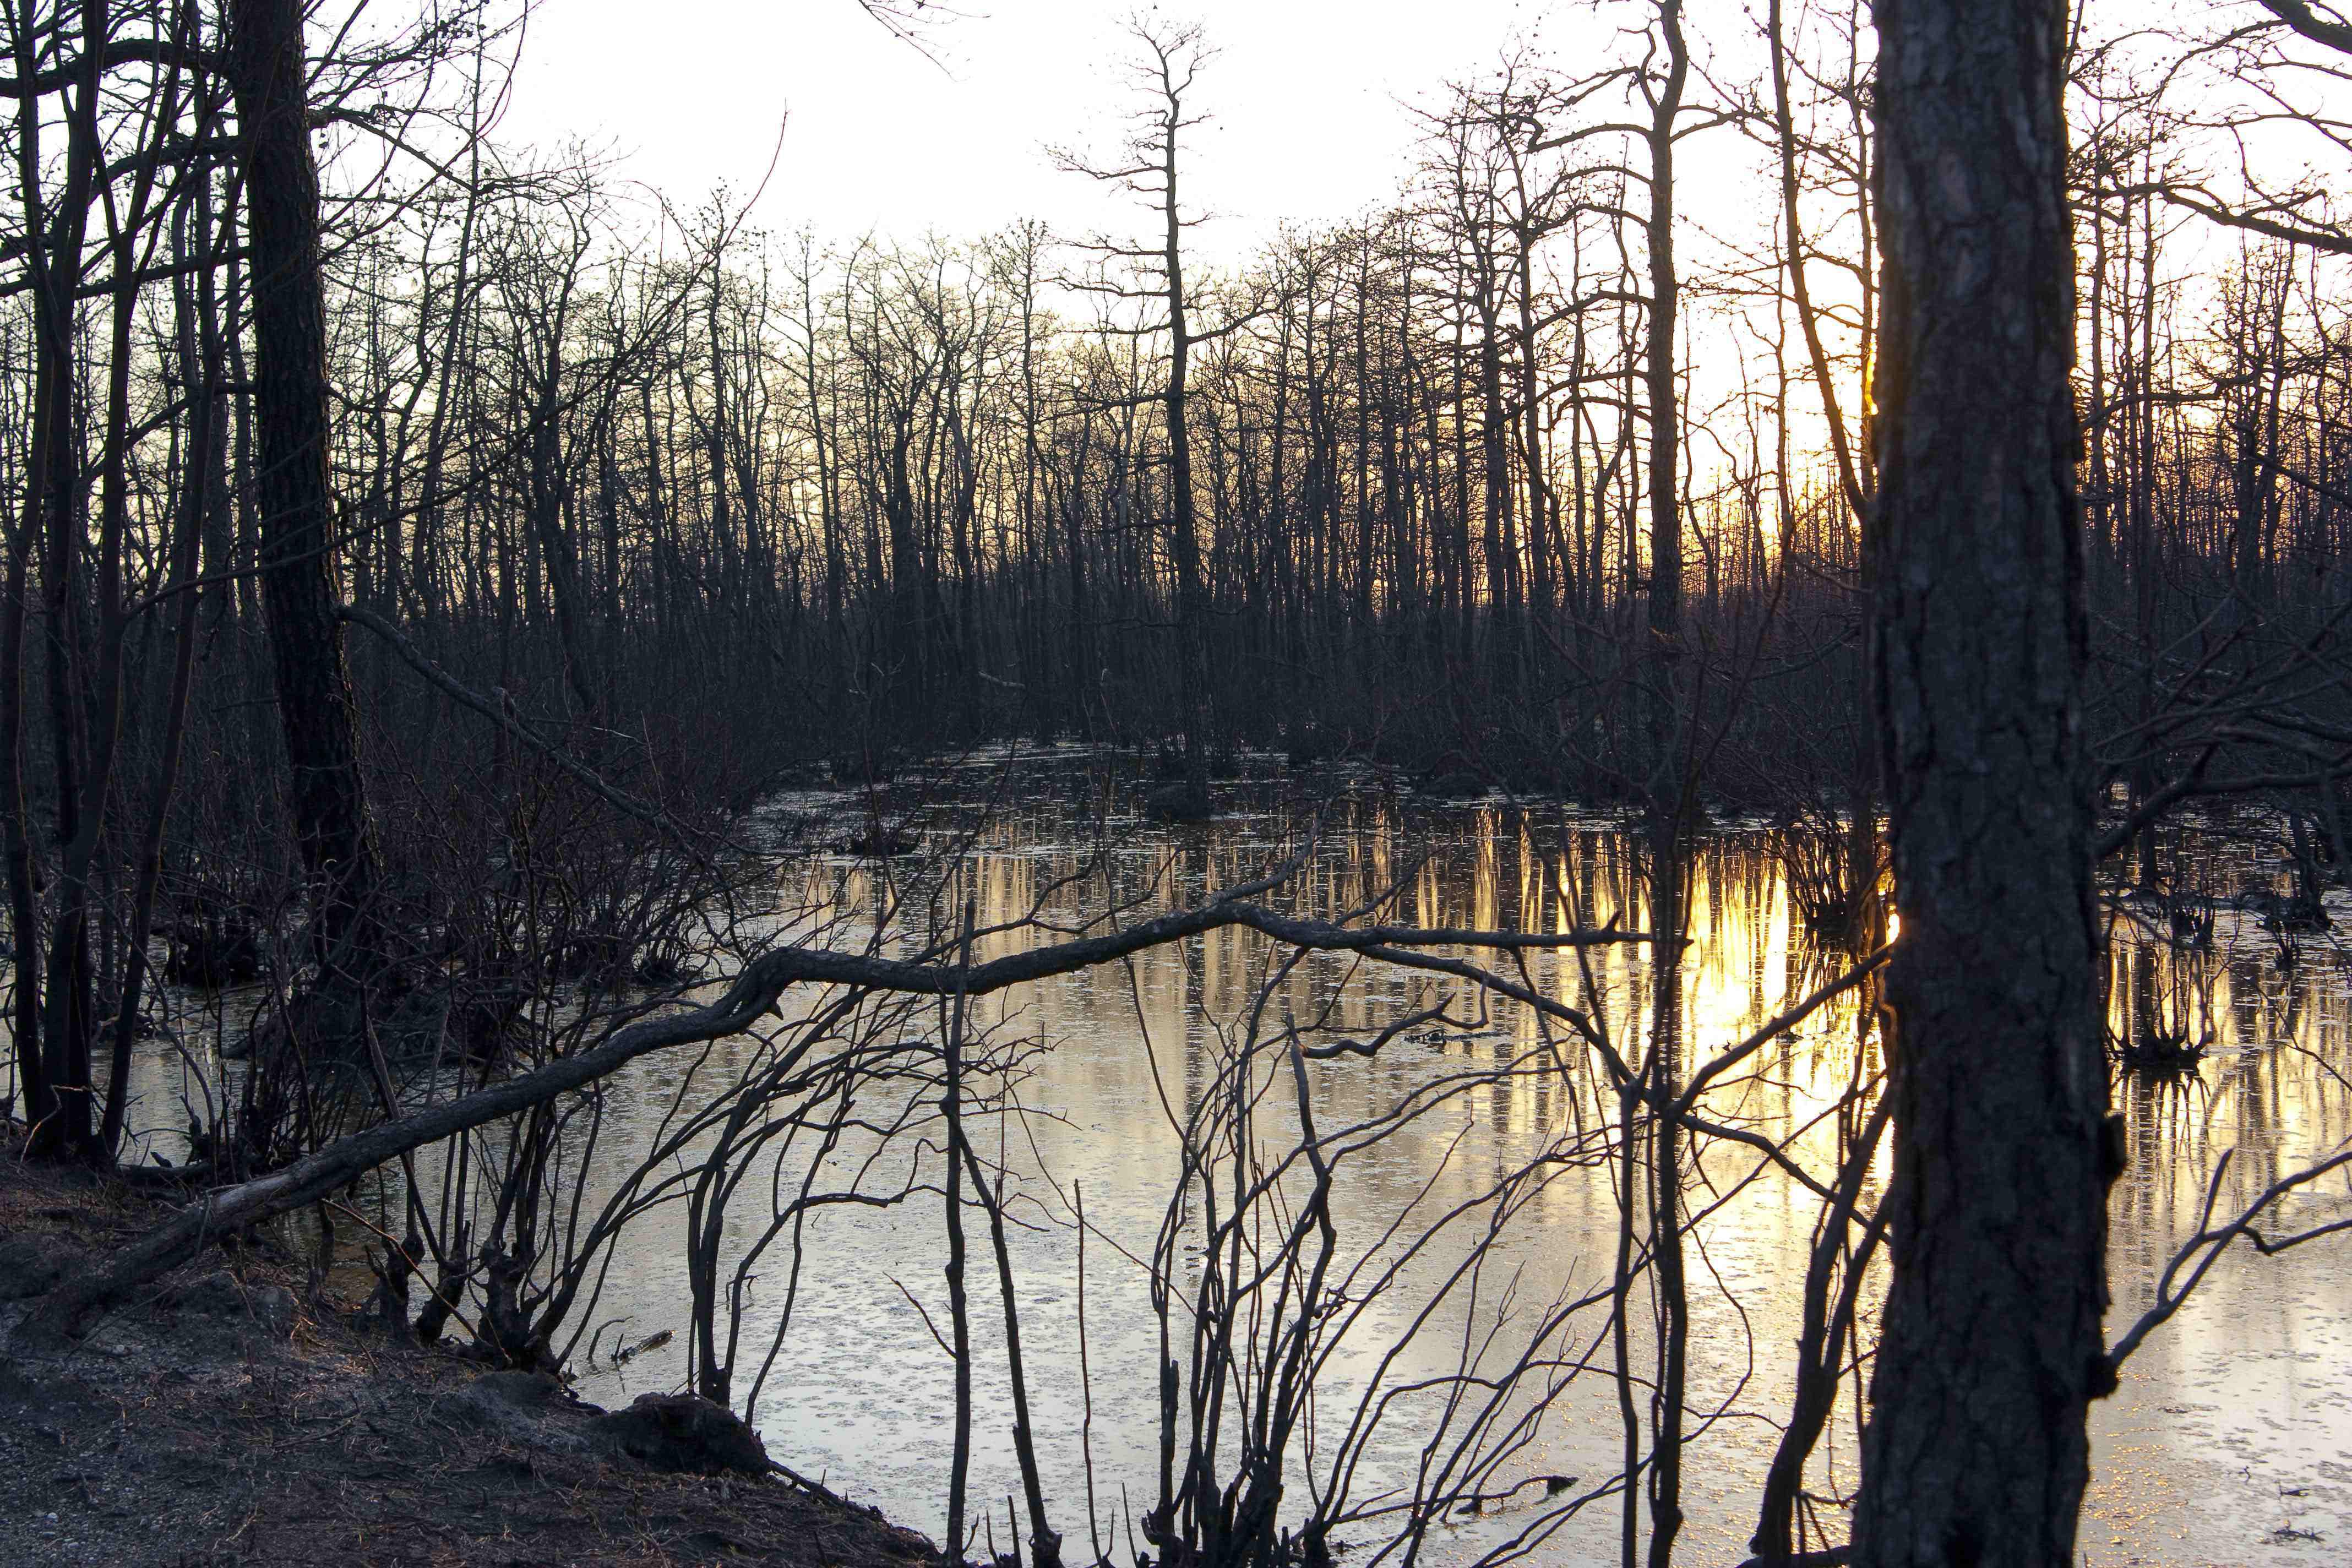 woods surrounding swamp